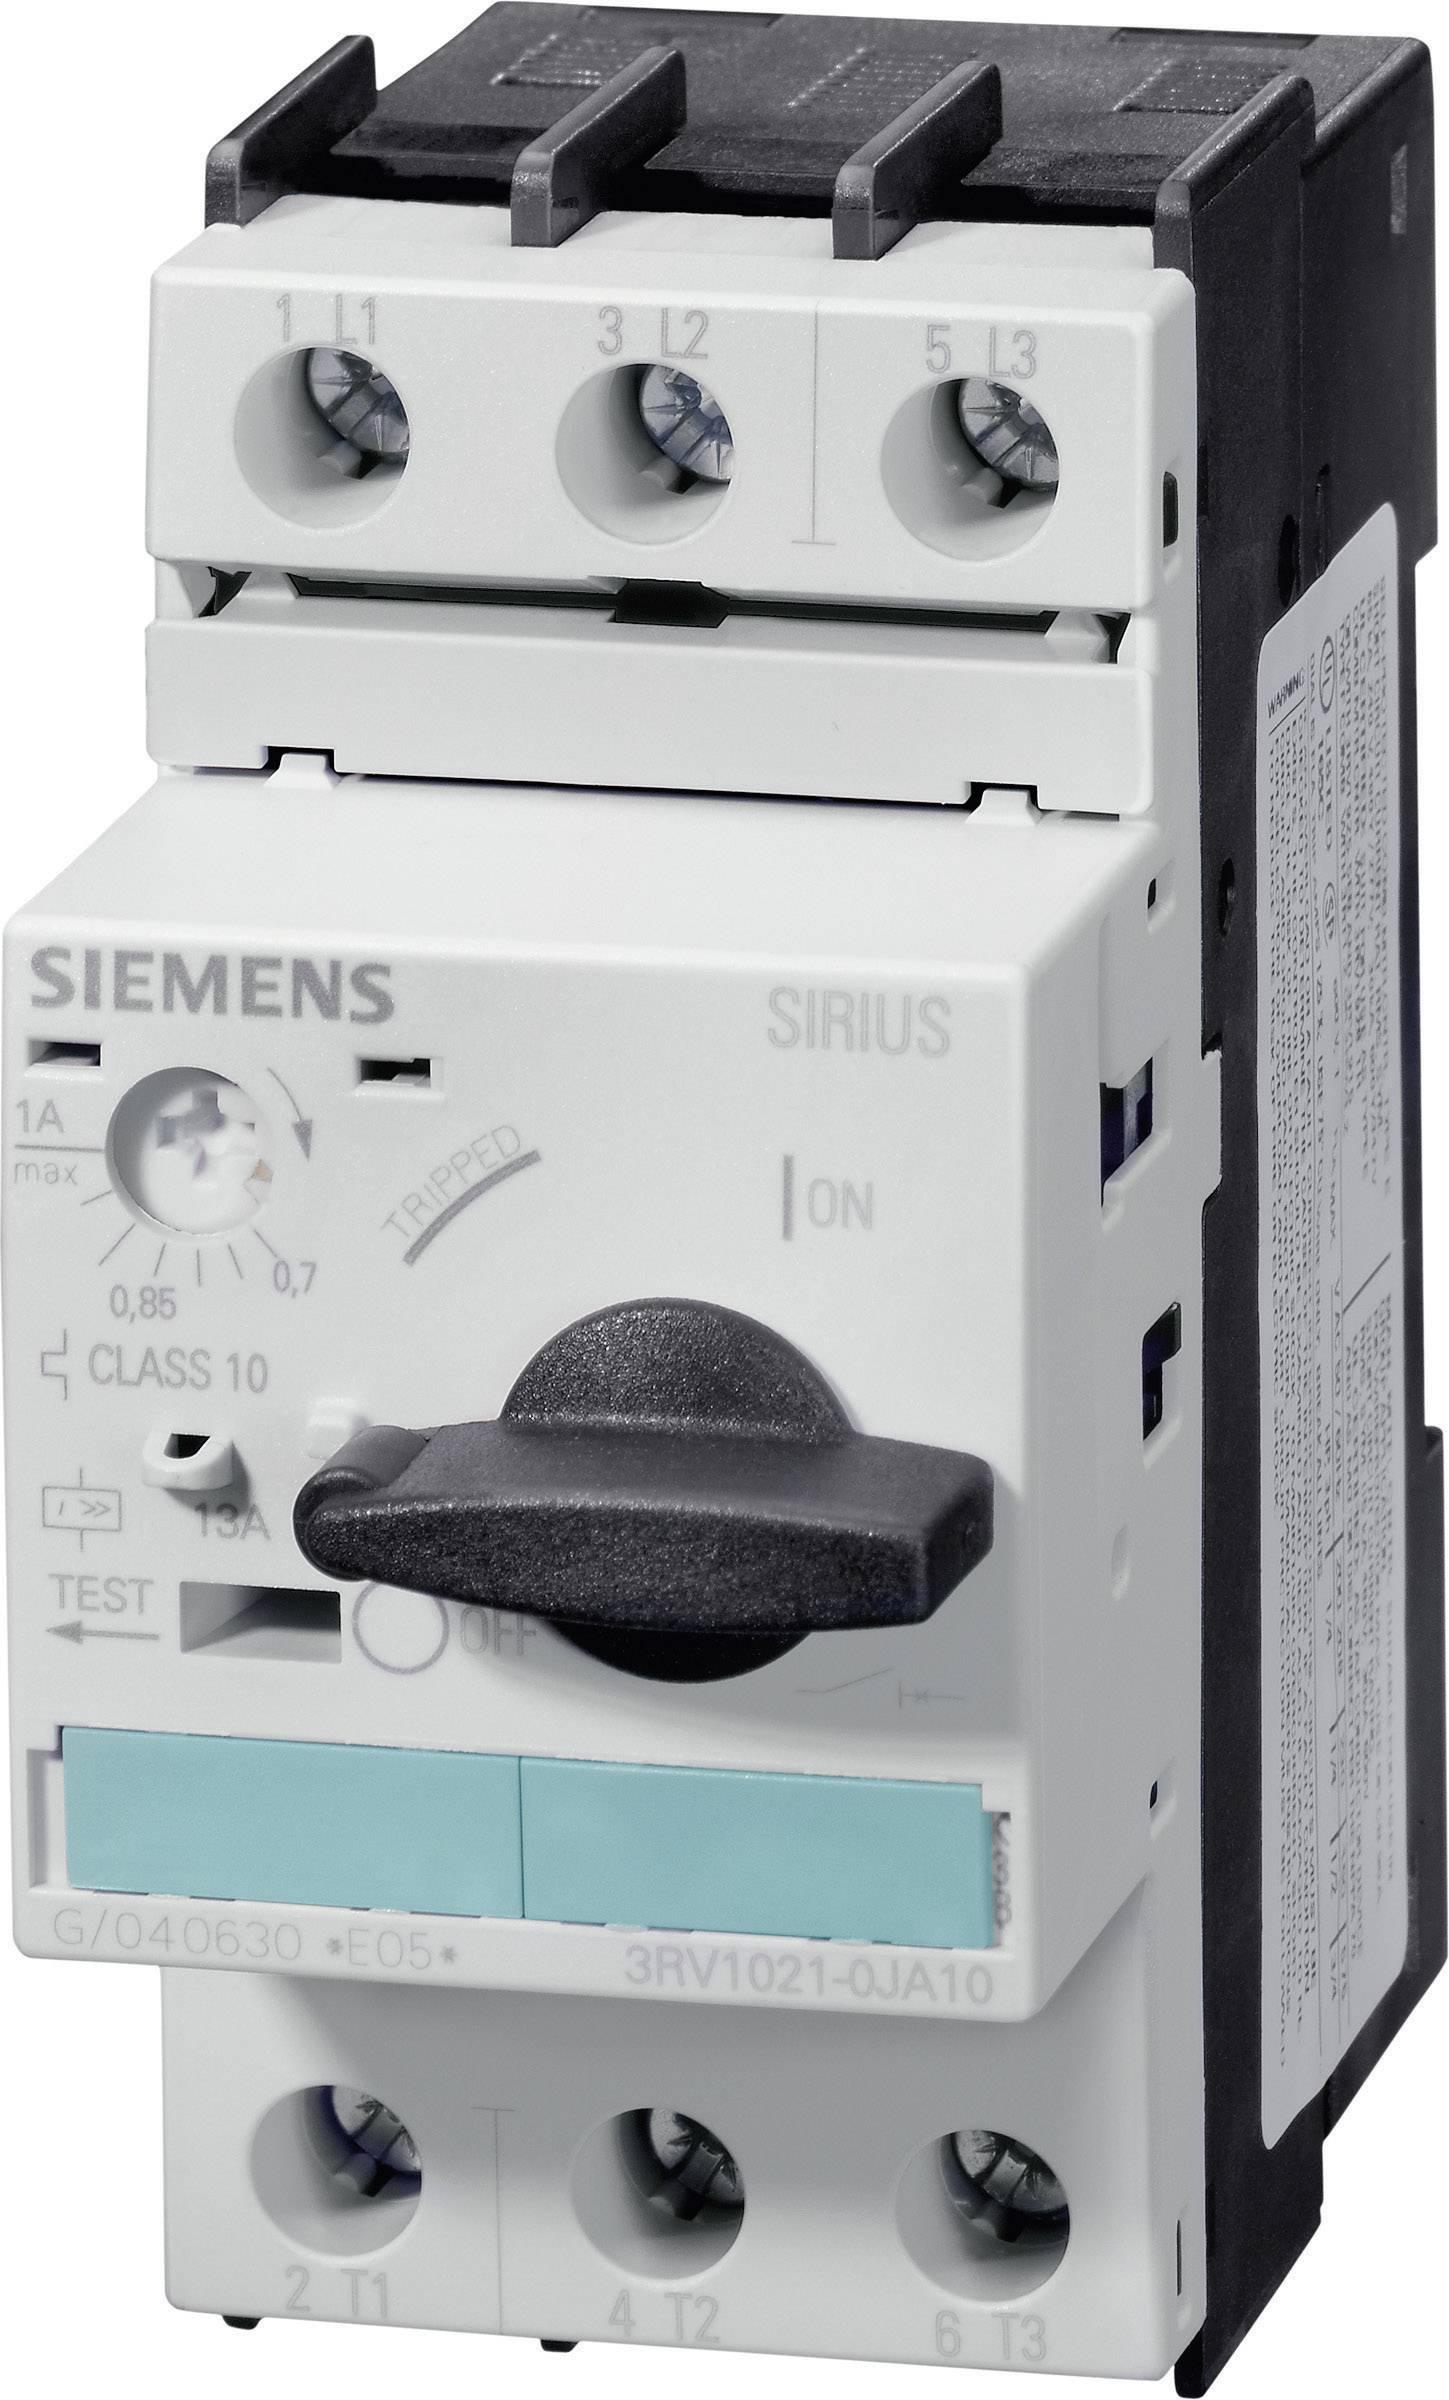 Výkonový spínač Siemens 3RV1021-4AA10, 11,0 - 16,0 A